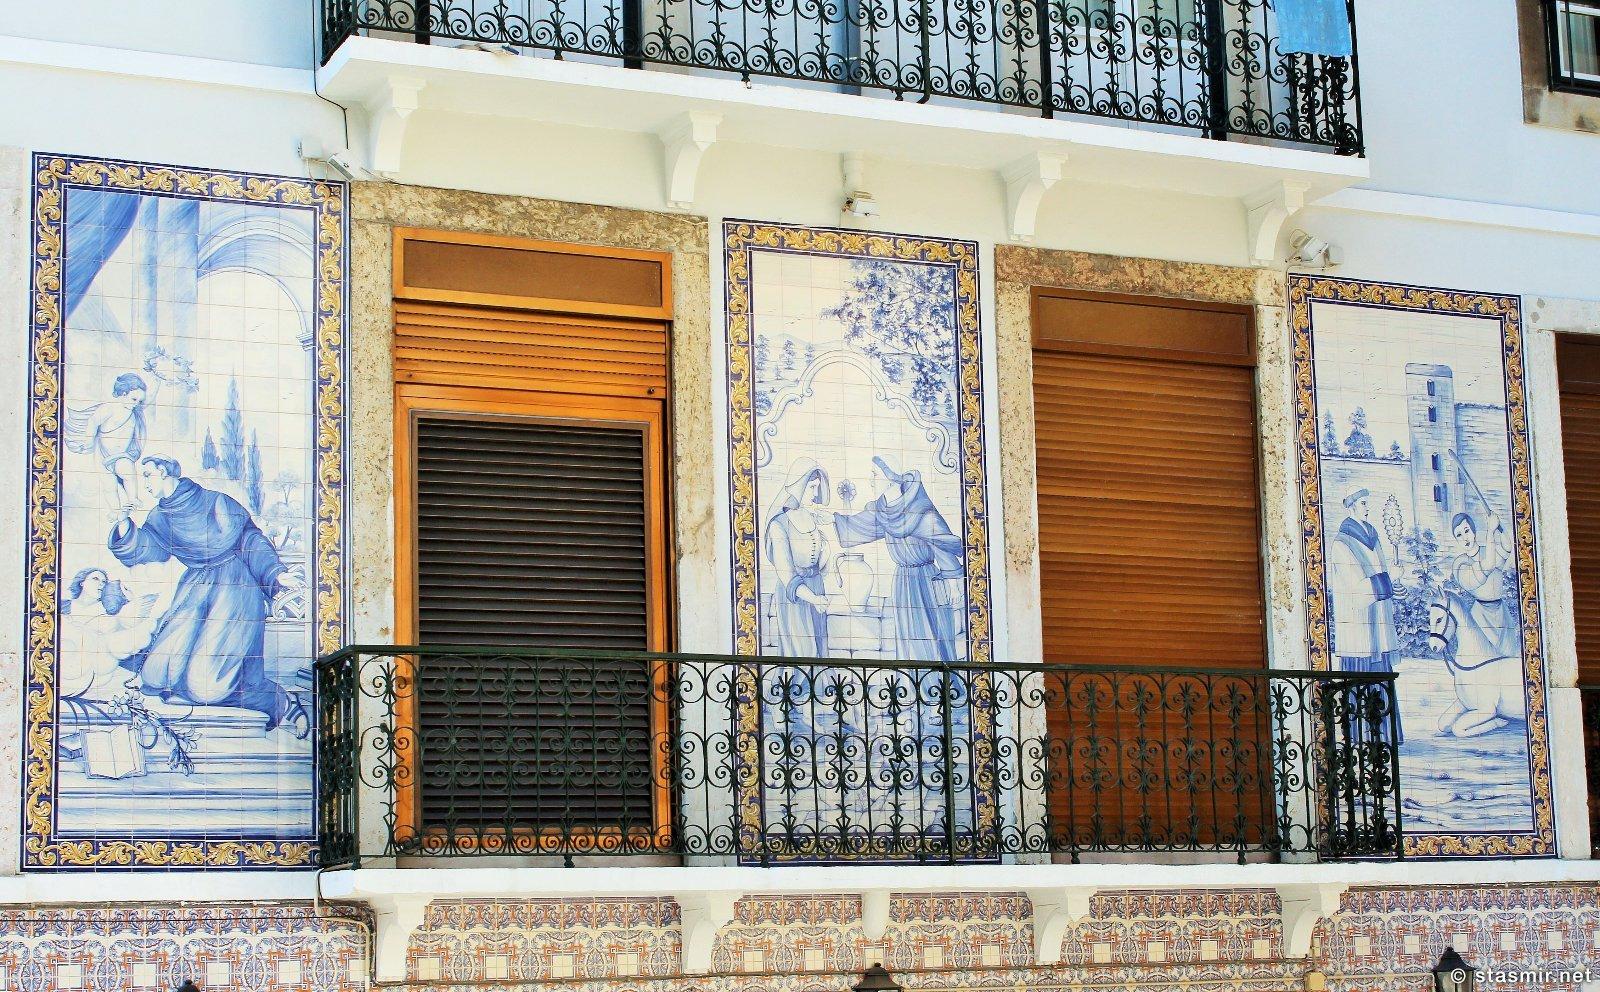 Лиссабон, Святой Антоний Падуанский, Lisboa, Rainha do Mar, Santo Antônio de Pádua, Photo Stasmir